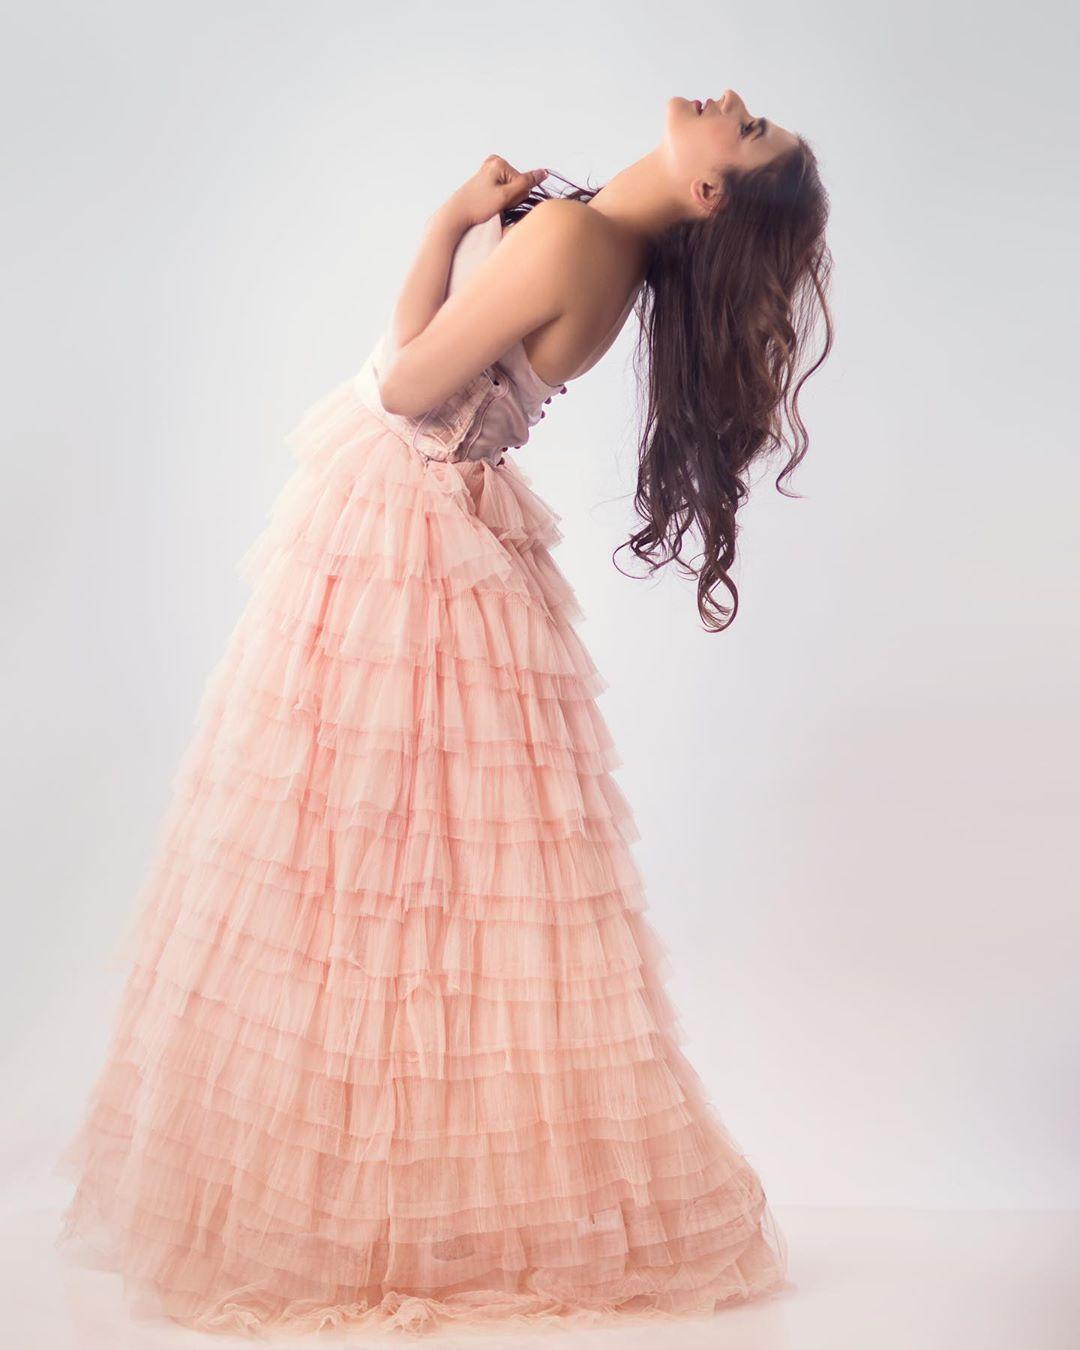 Latest Photo Shoot of Beautiful Actress Hira Mani